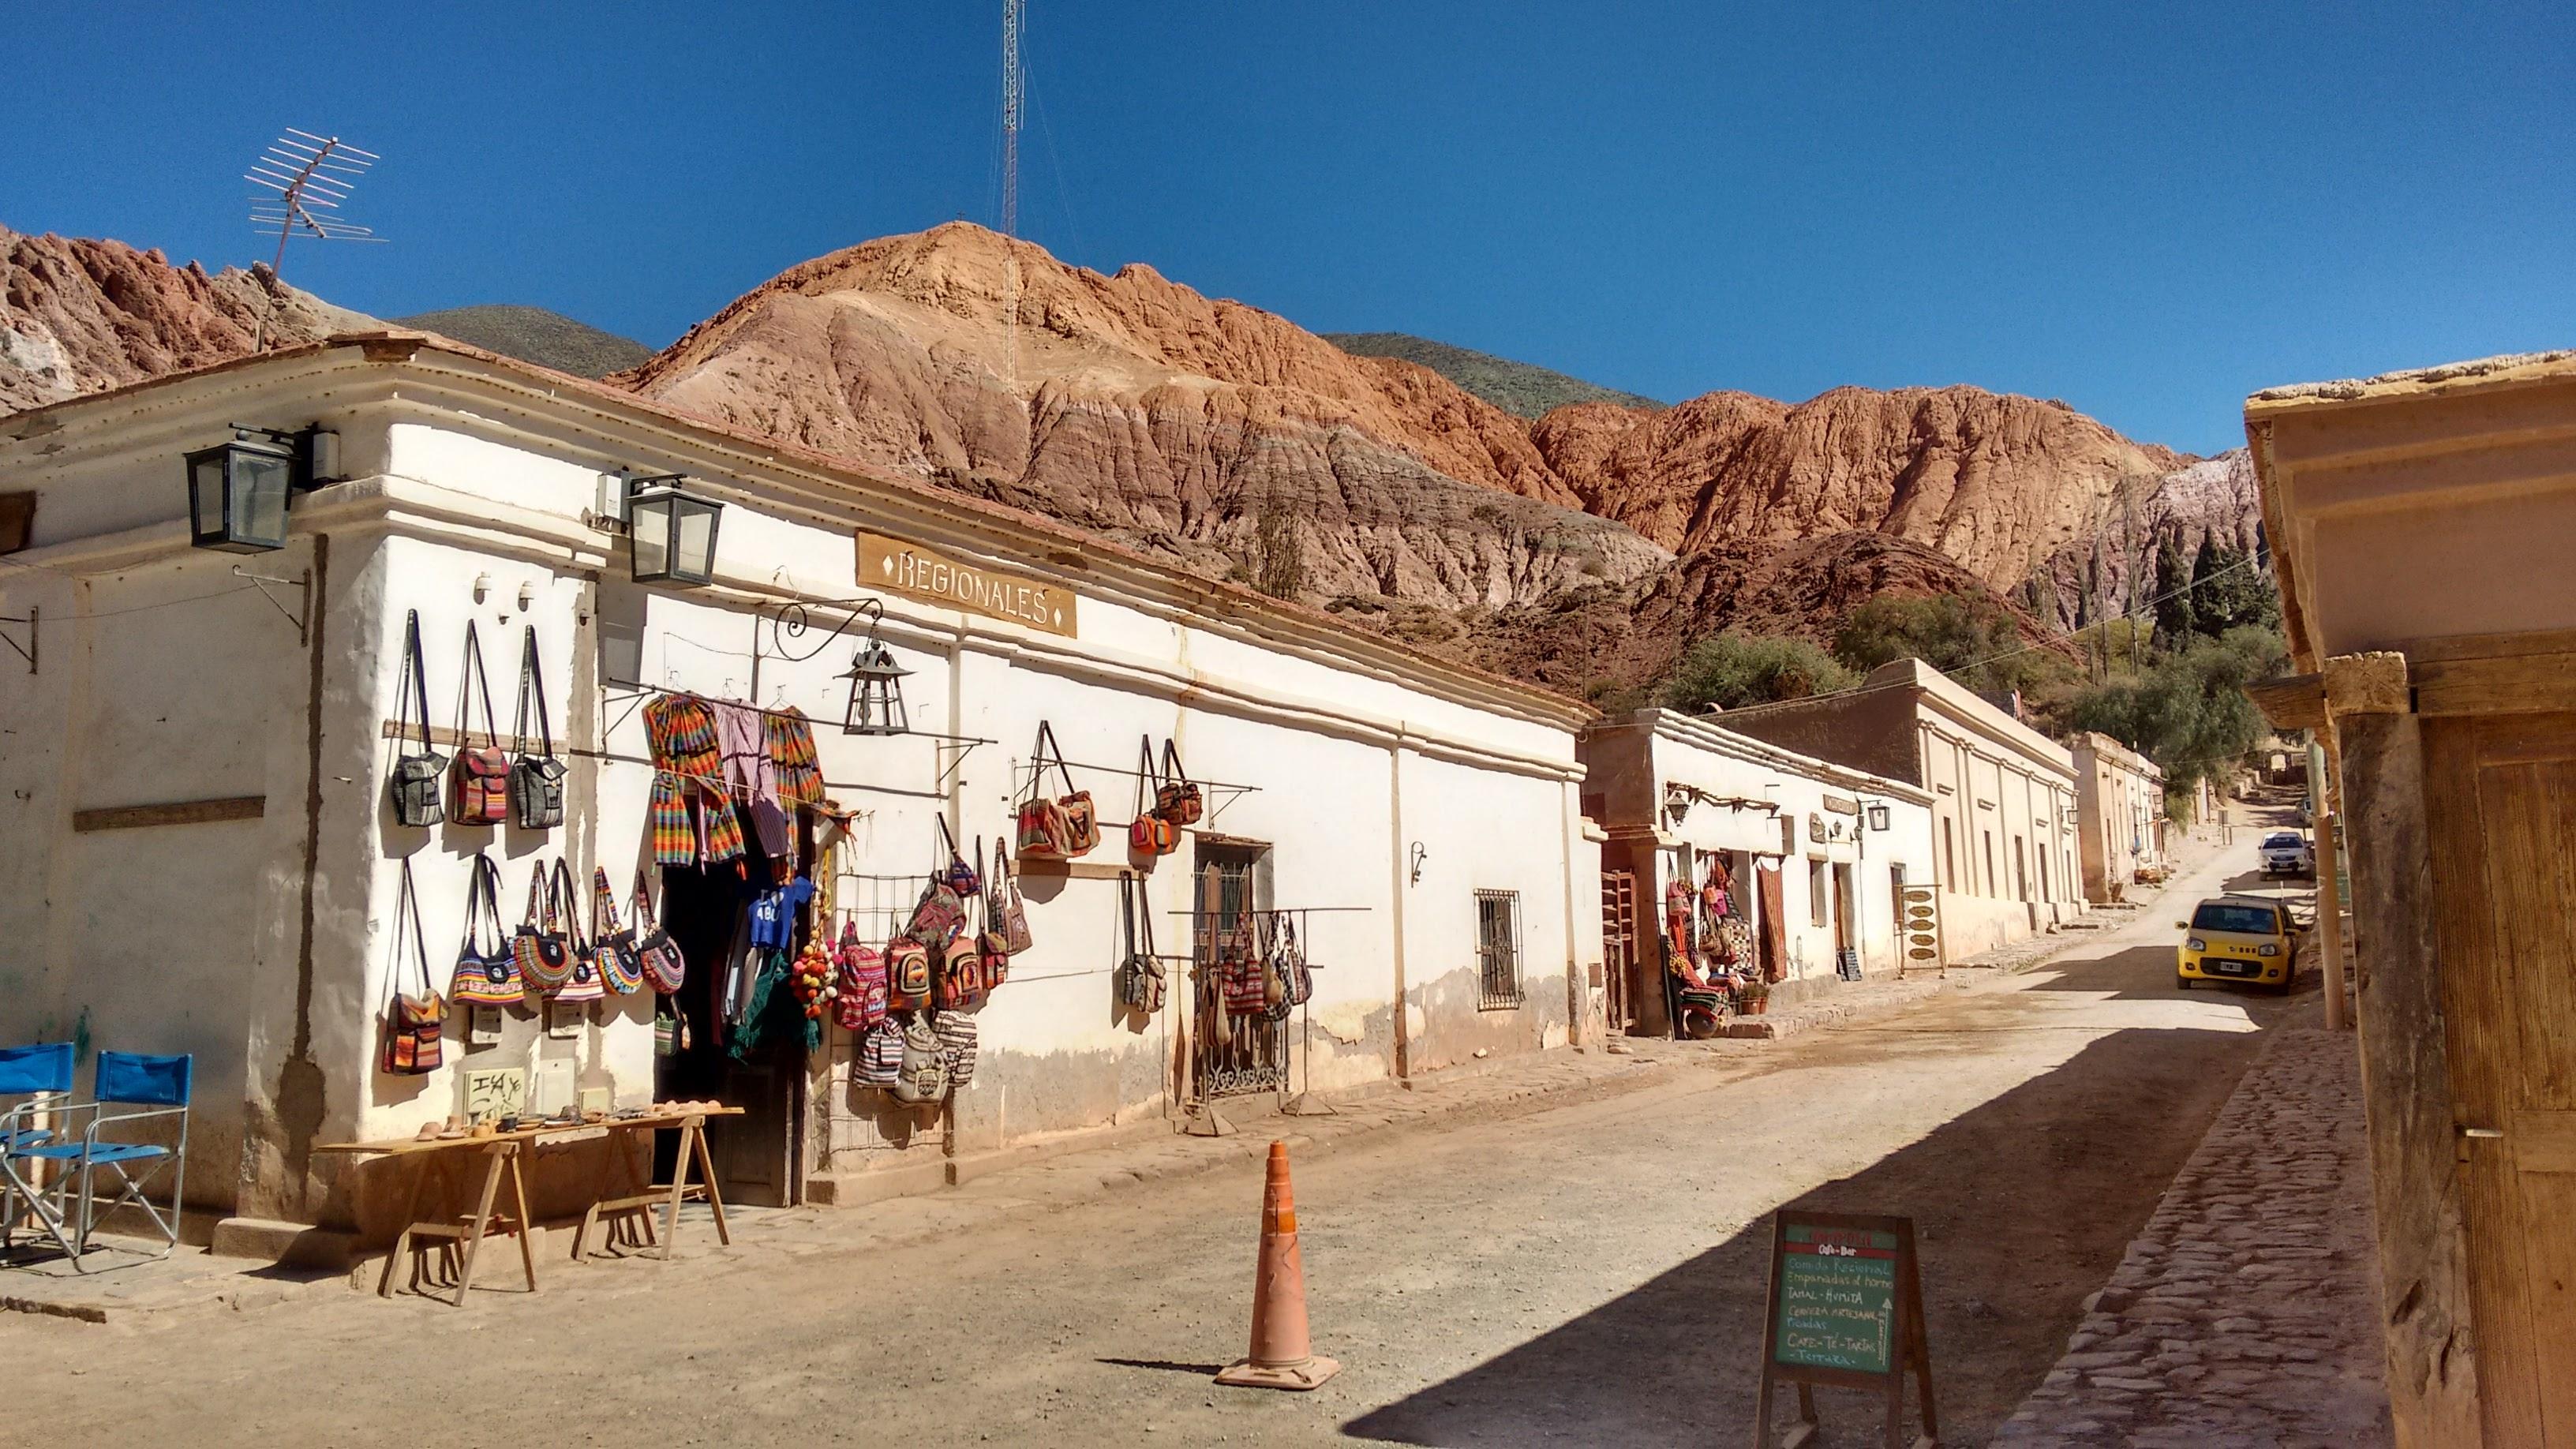 Tucuman, Salta y Jujuy (Vuelta al Norte - 6 noches)